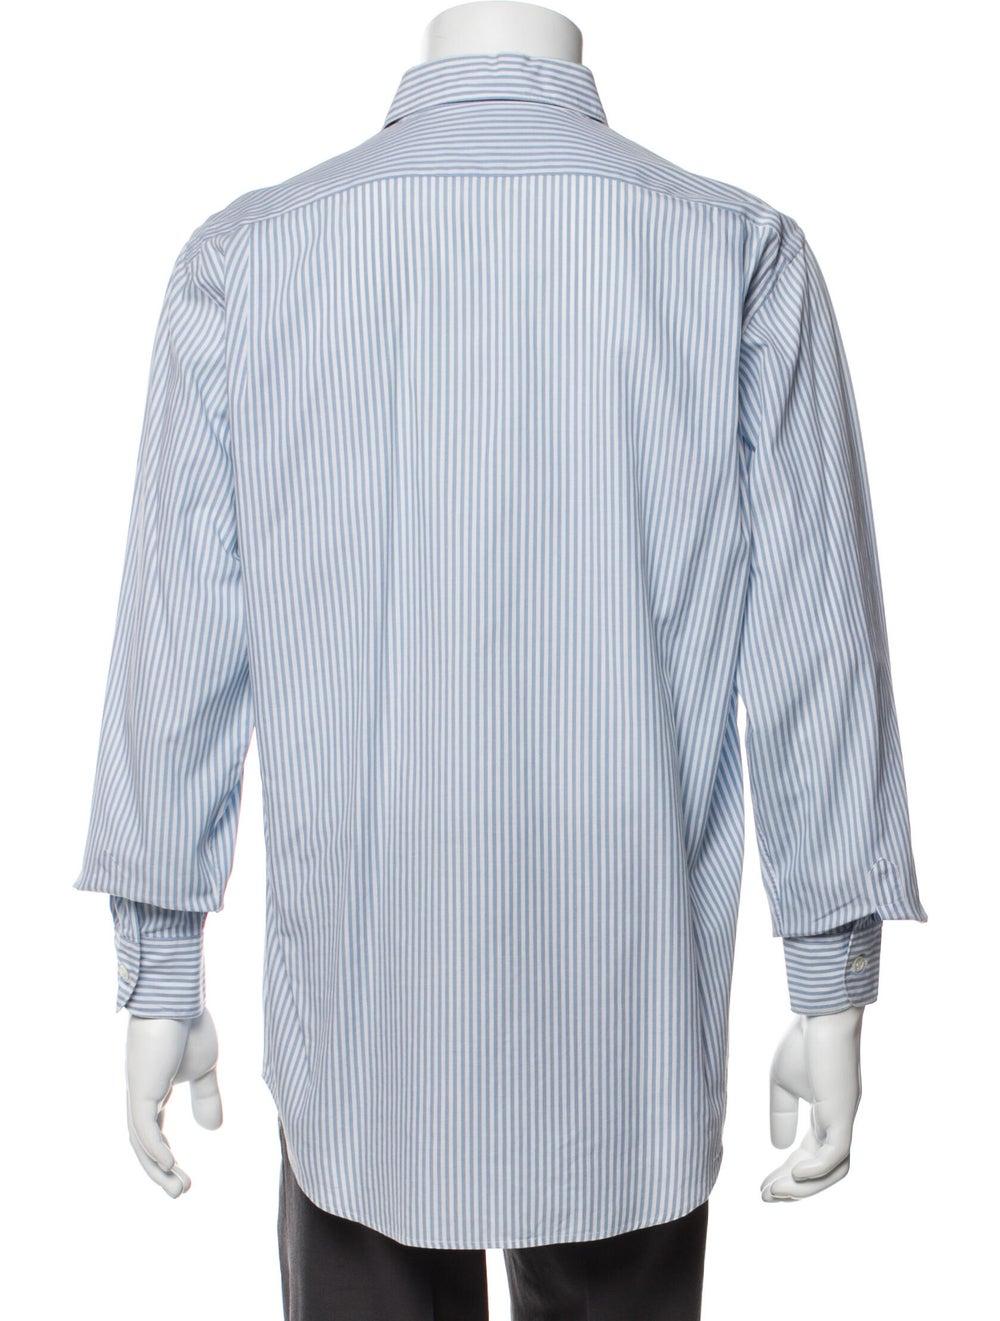 Yves Saint Laurent Rive Gauche Vintage Striped Sh… - image 3